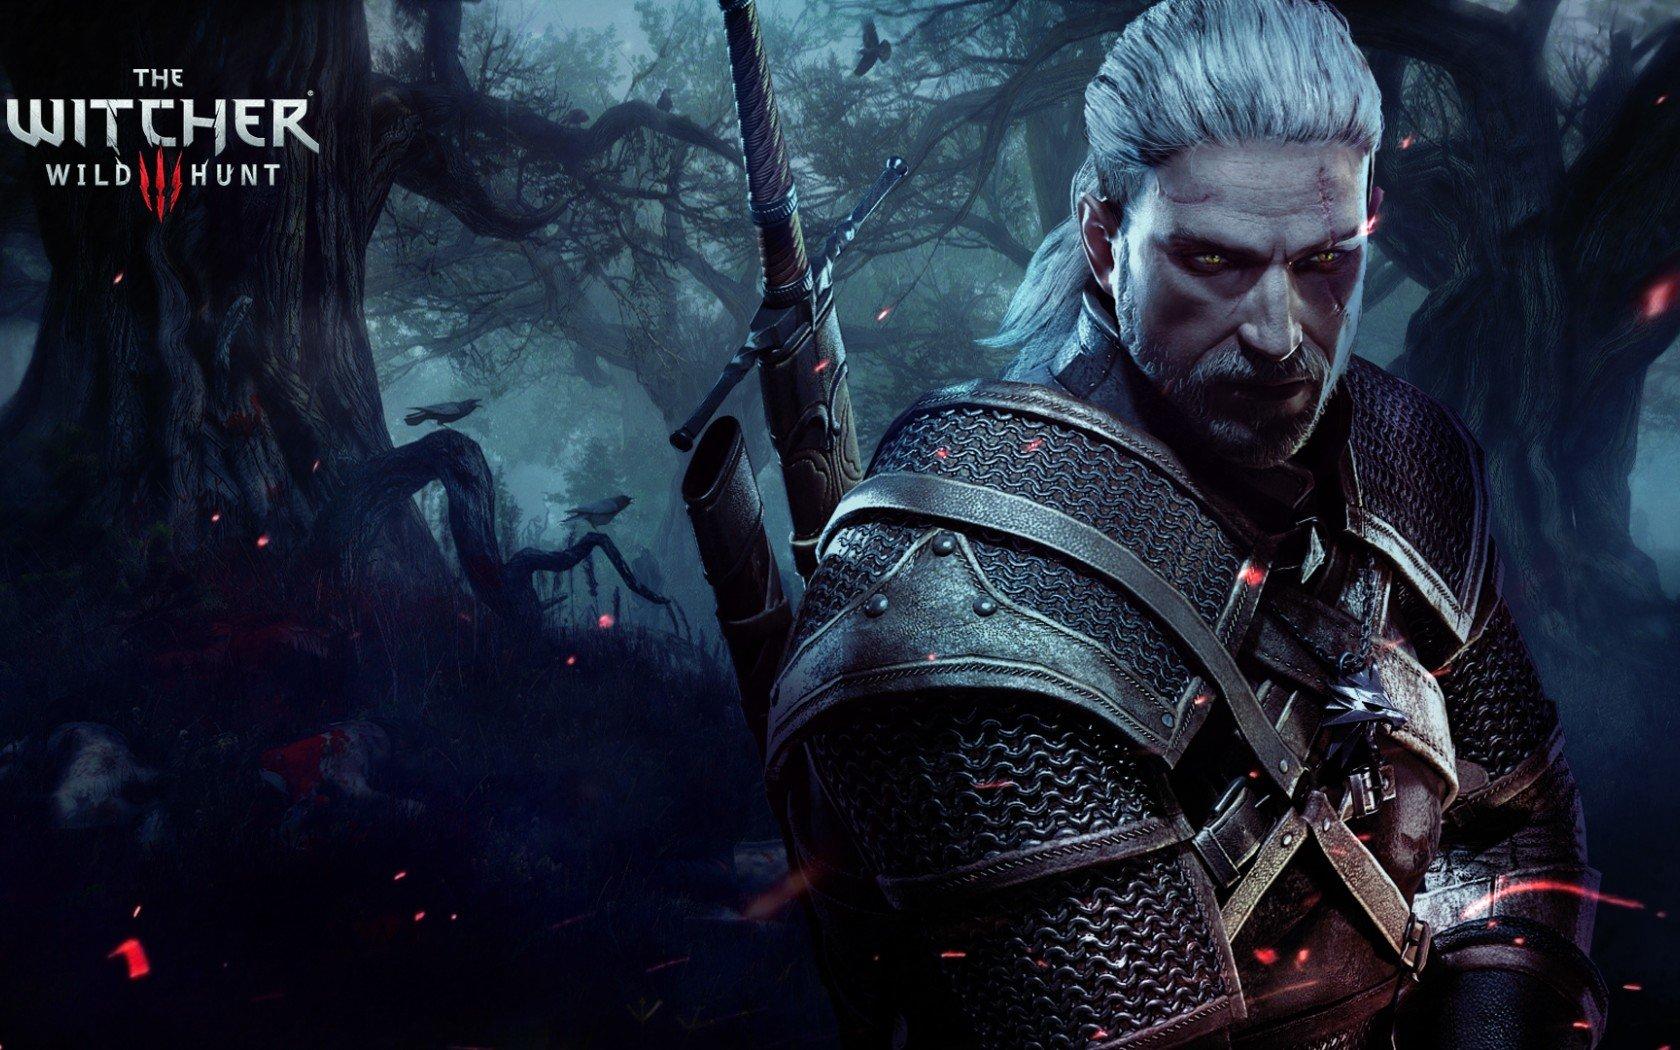 The Witcher 3: Wild Hunt. Оценки!  GameSpot — 10/10  Одна из лучших игр в истории  GameGuru - 10/10 Gameswelt - 10/ ... - Изображение 2